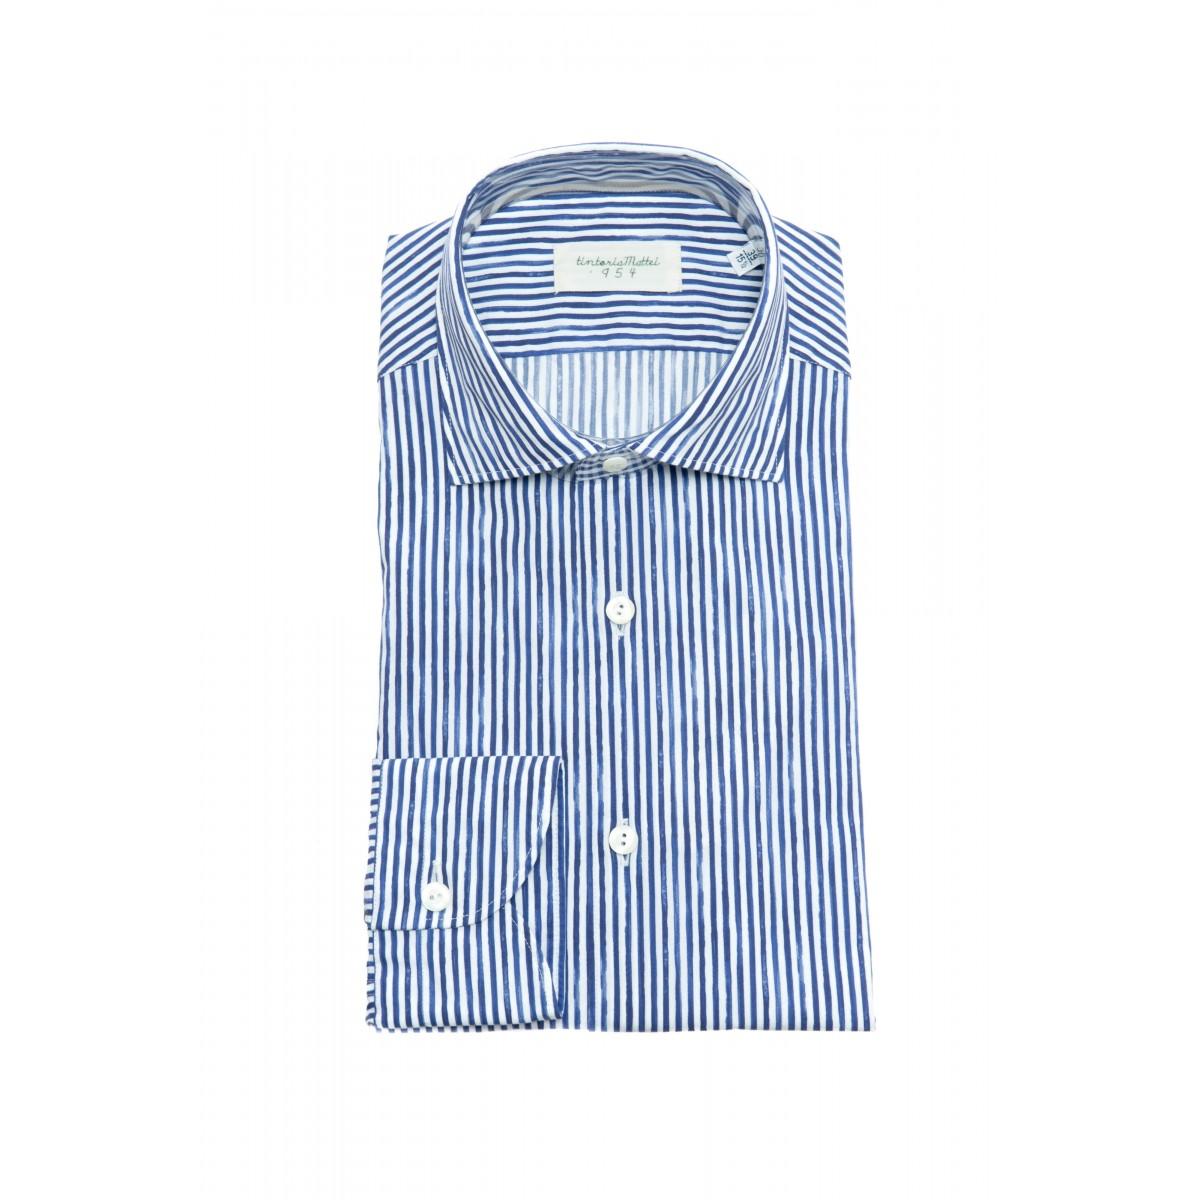 Camicia uomo - U8s njw camicia riga lavata